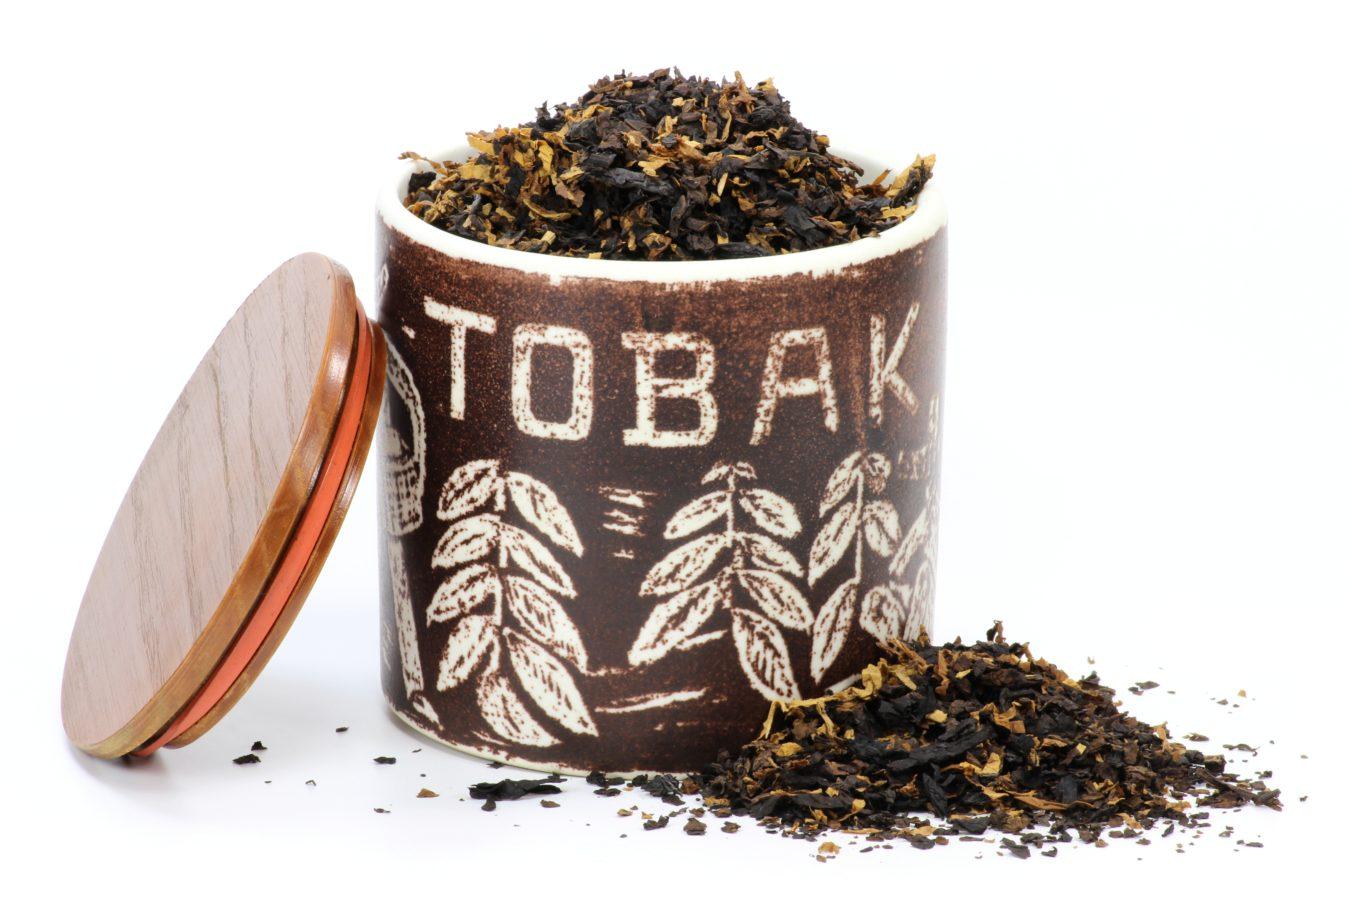 Hausse du tabac : un impôt sujet à contradictions !